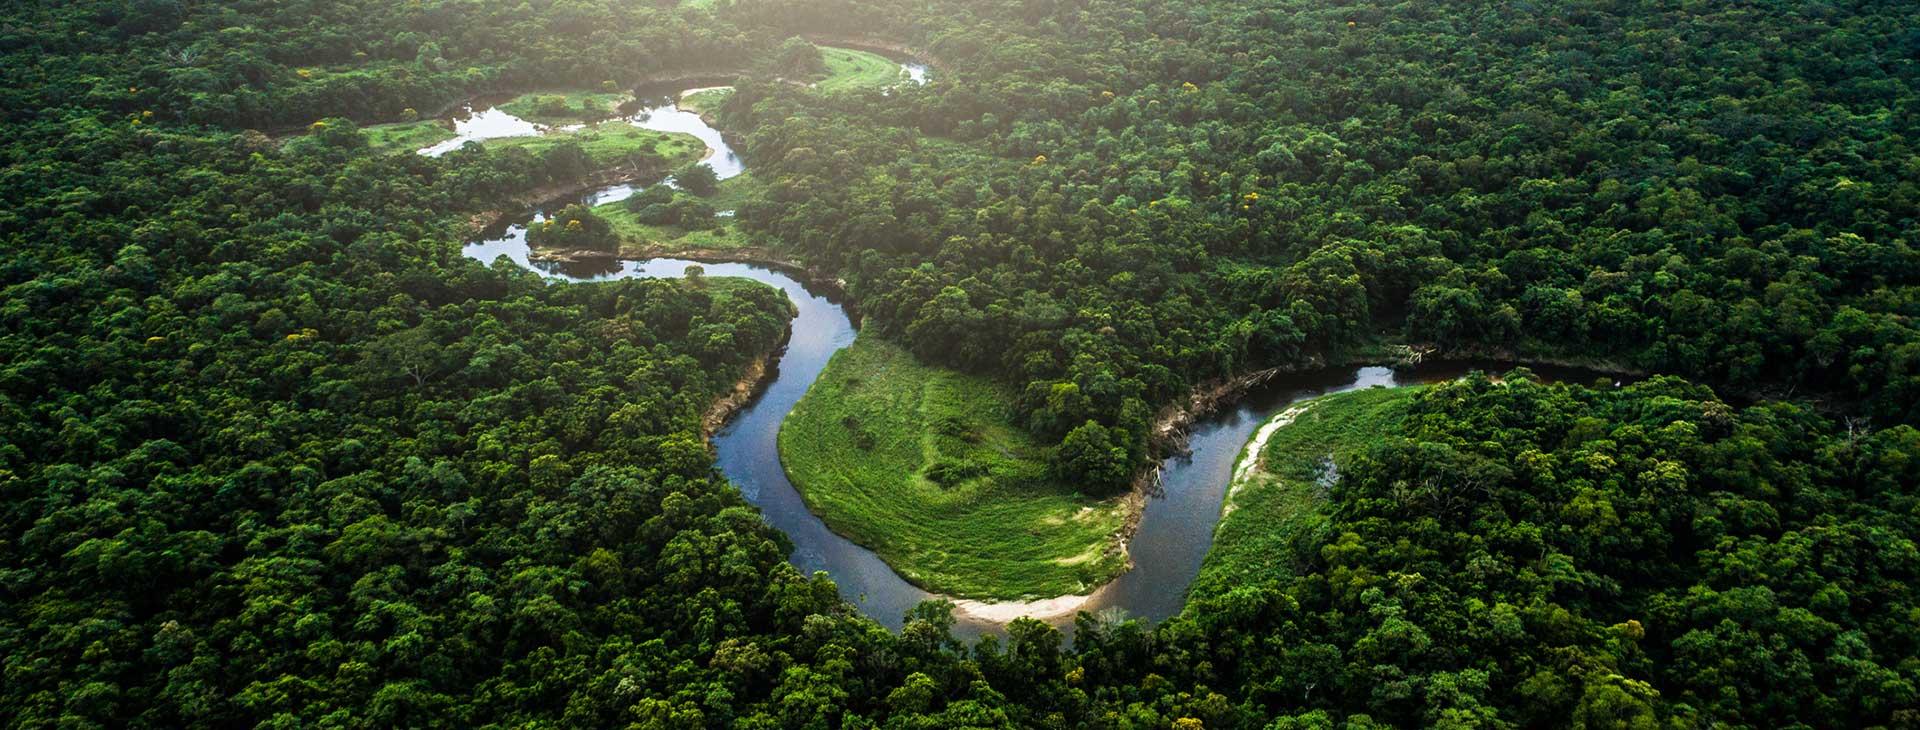 Nieokiełznana przyroda - Manaus, Iguacu Brazylia Wyc. objazdowe